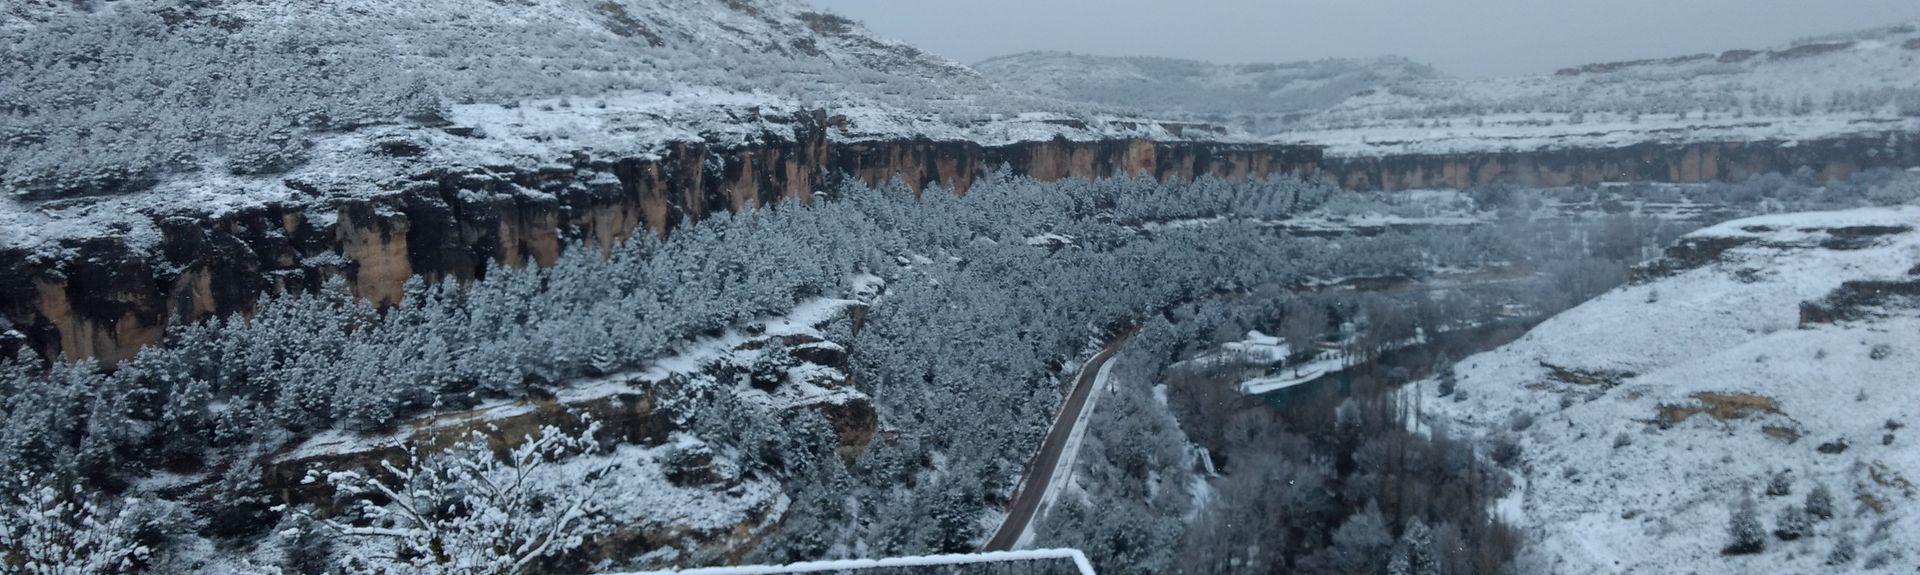 Arcas, Arcas del Villar, Kastilien-La Mancha, Spanien